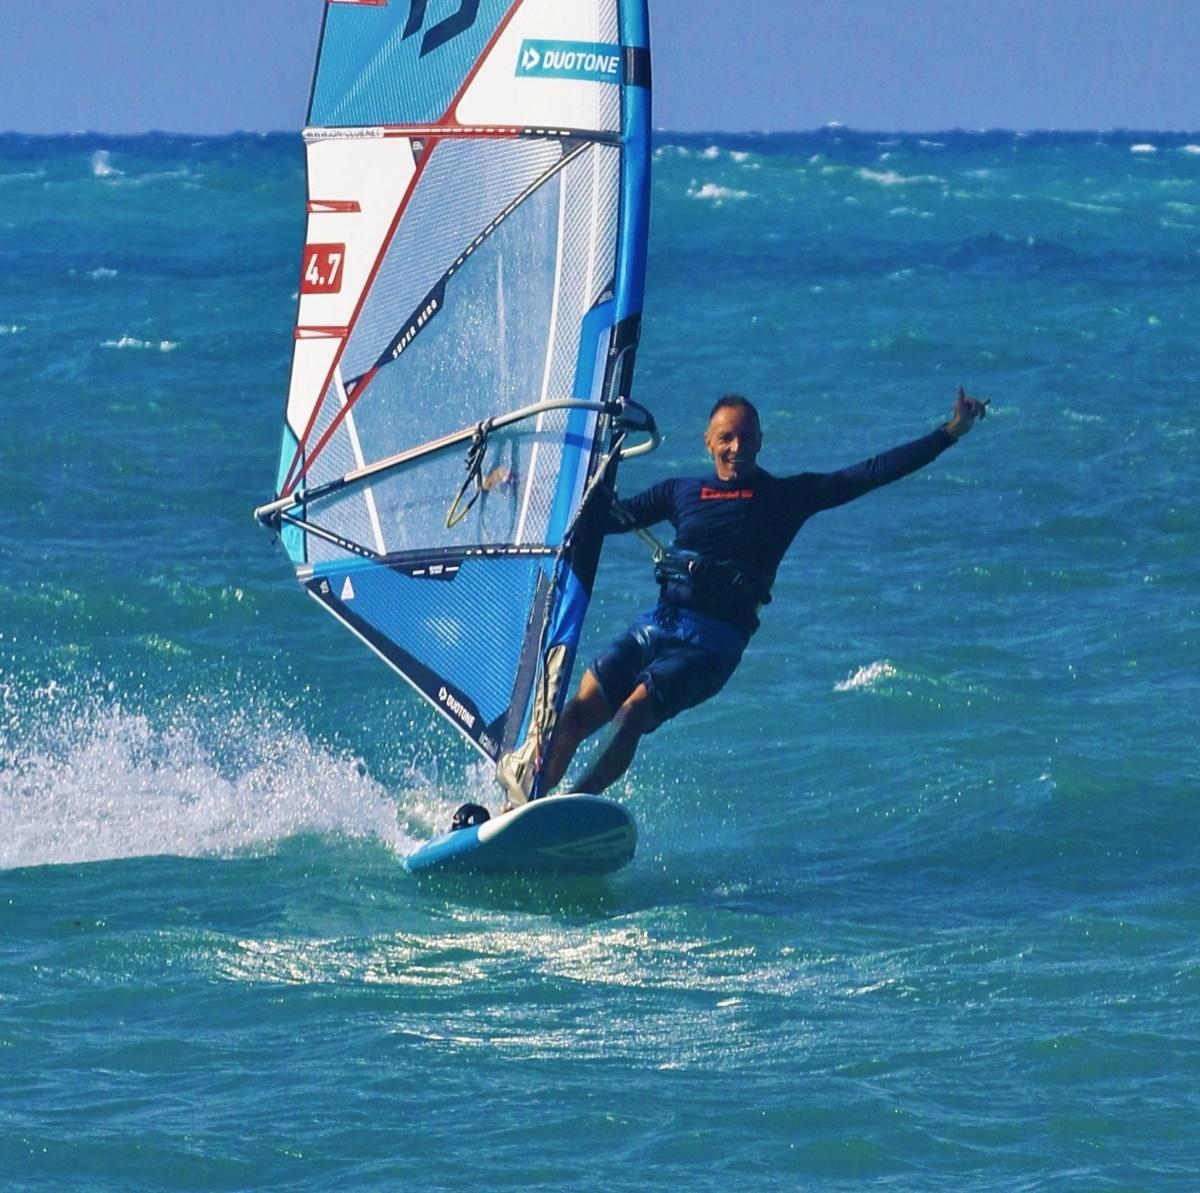 Manu's Windsurfing Blog - Tips and Tricks